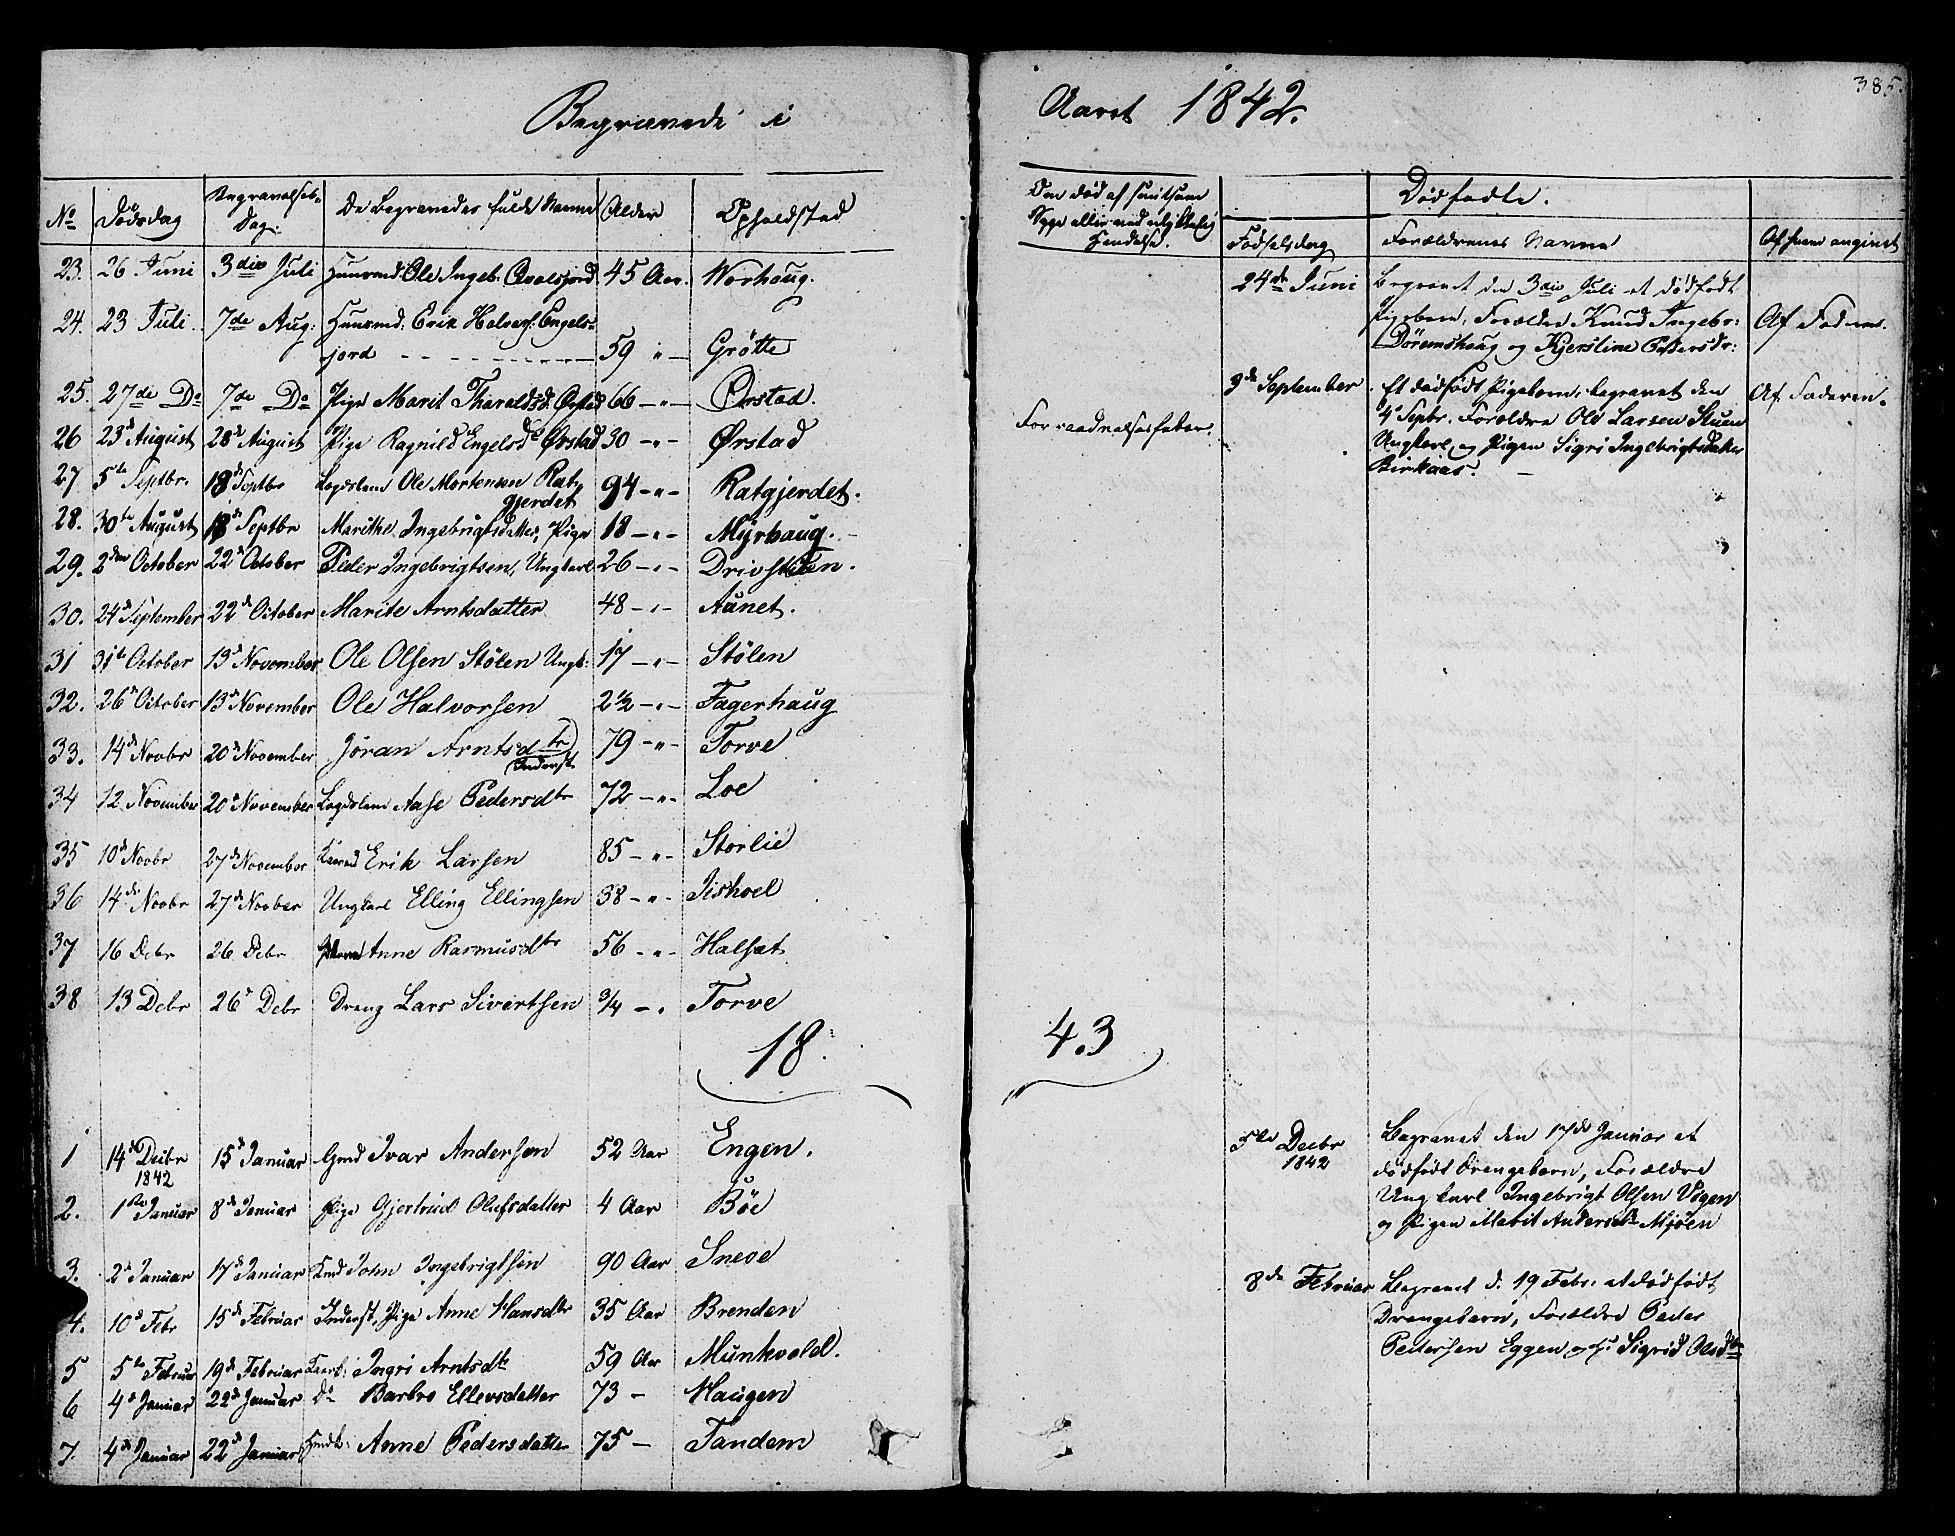 SAT, Ministerialprotokoller, klokkerbøker og fødselsregistre - Sør-Trøndelag, 678/L0897: Ministerialbok nr. 678A06-07, 1821-1847, s. 385